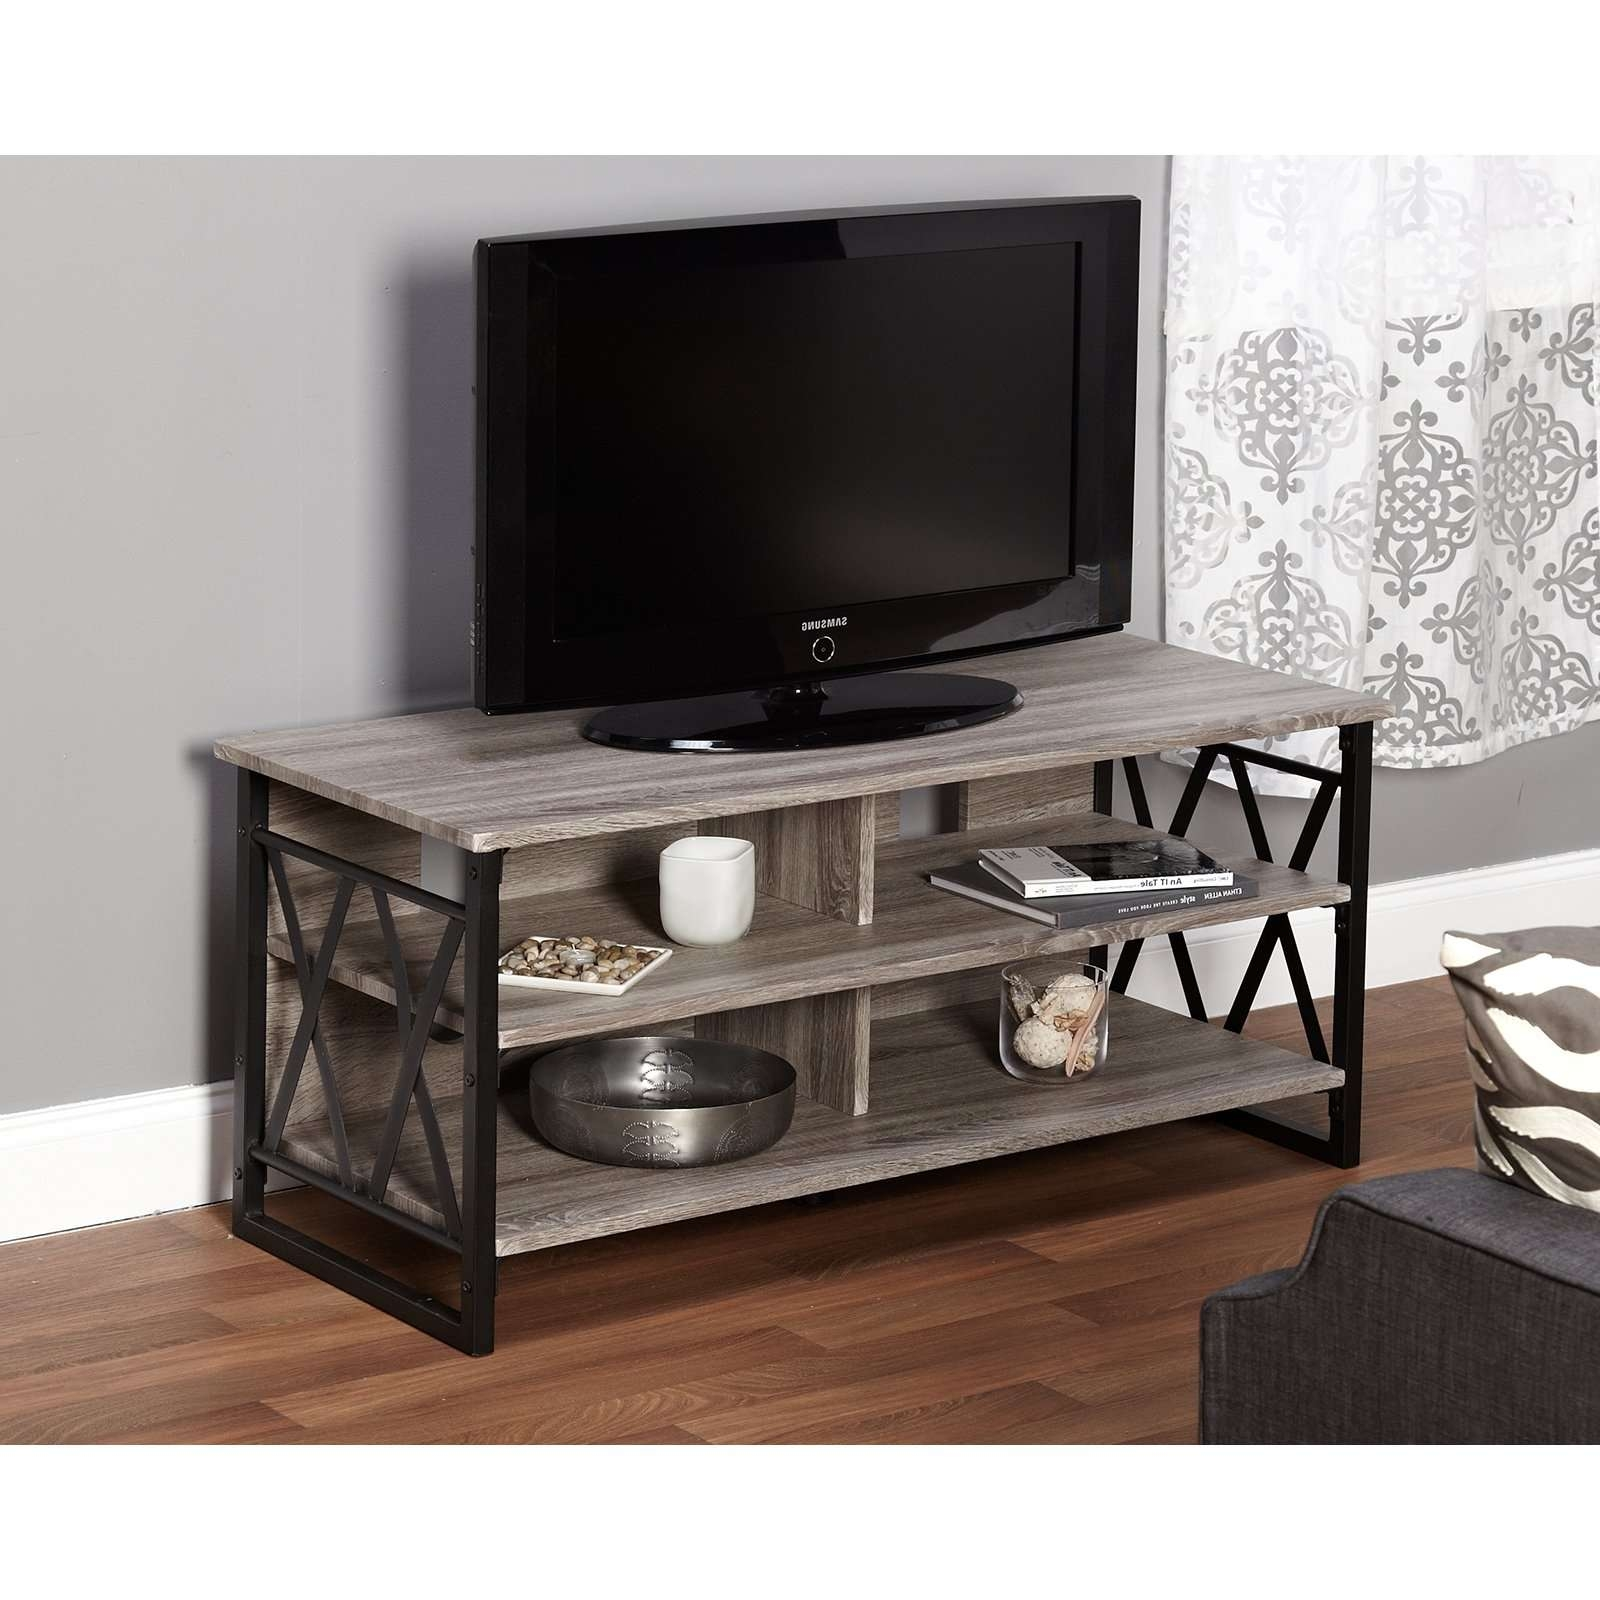 Belham Living Edison Reclaimed Wood Tv Stand   Hayneedle With Reclaimed Wood And Metal Tv Stands (View 11 of 15)